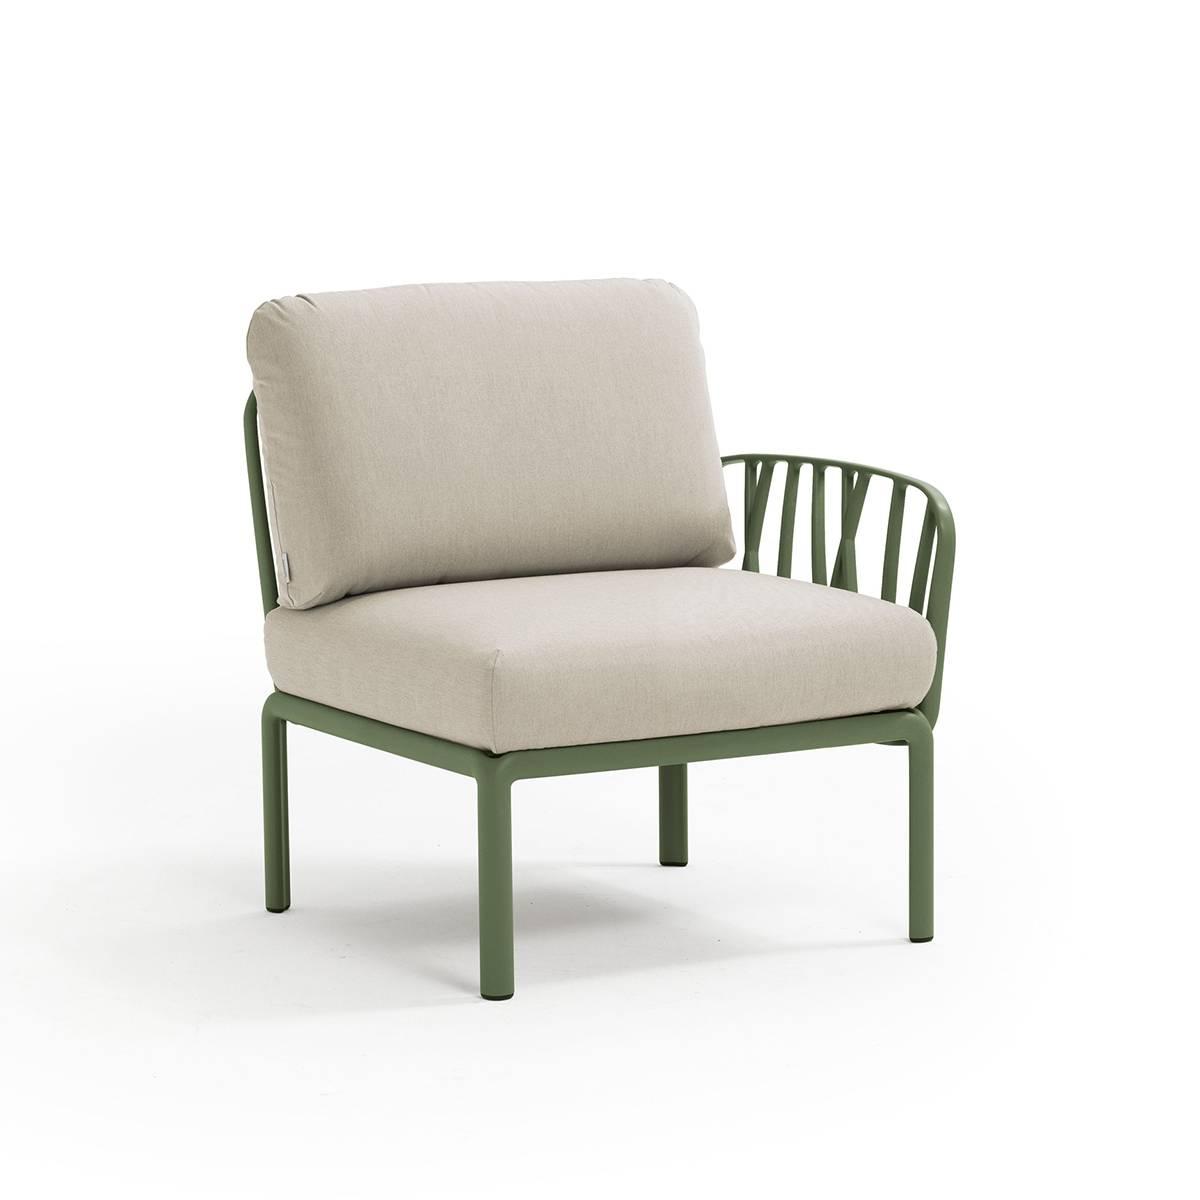 Градинско кресло Komodo, agave